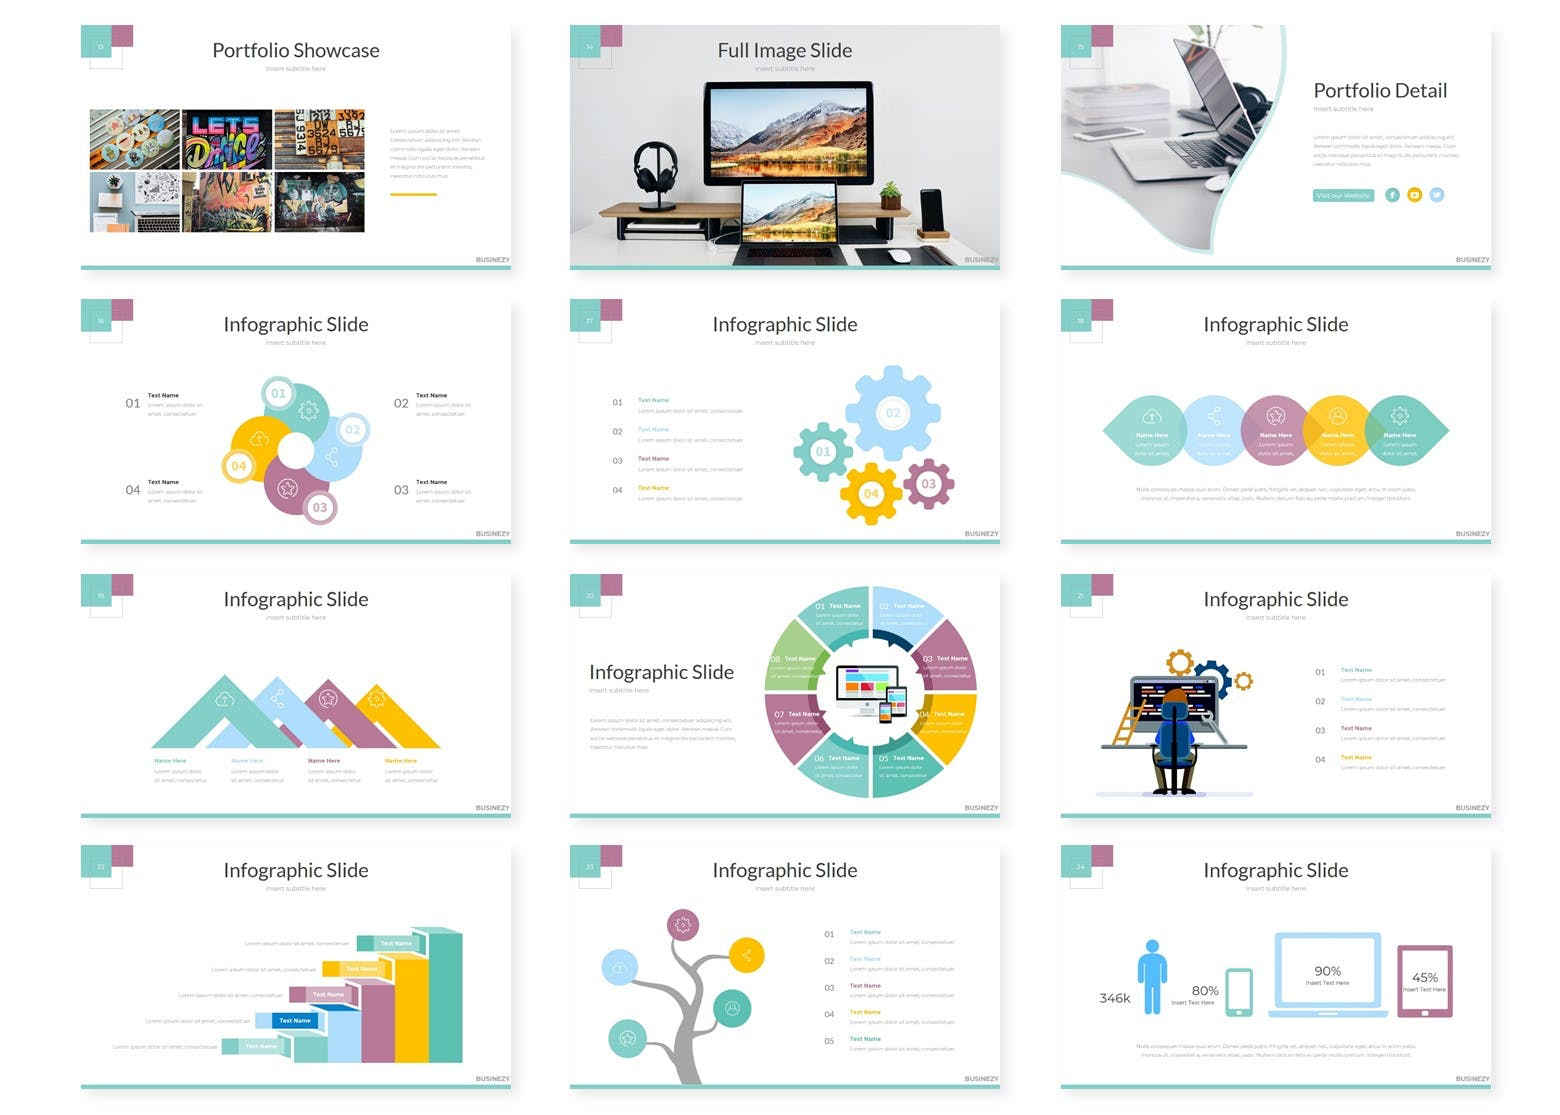 企业市场策划数据PPT幻灯片模板Businezi Keynote Template插图(2)